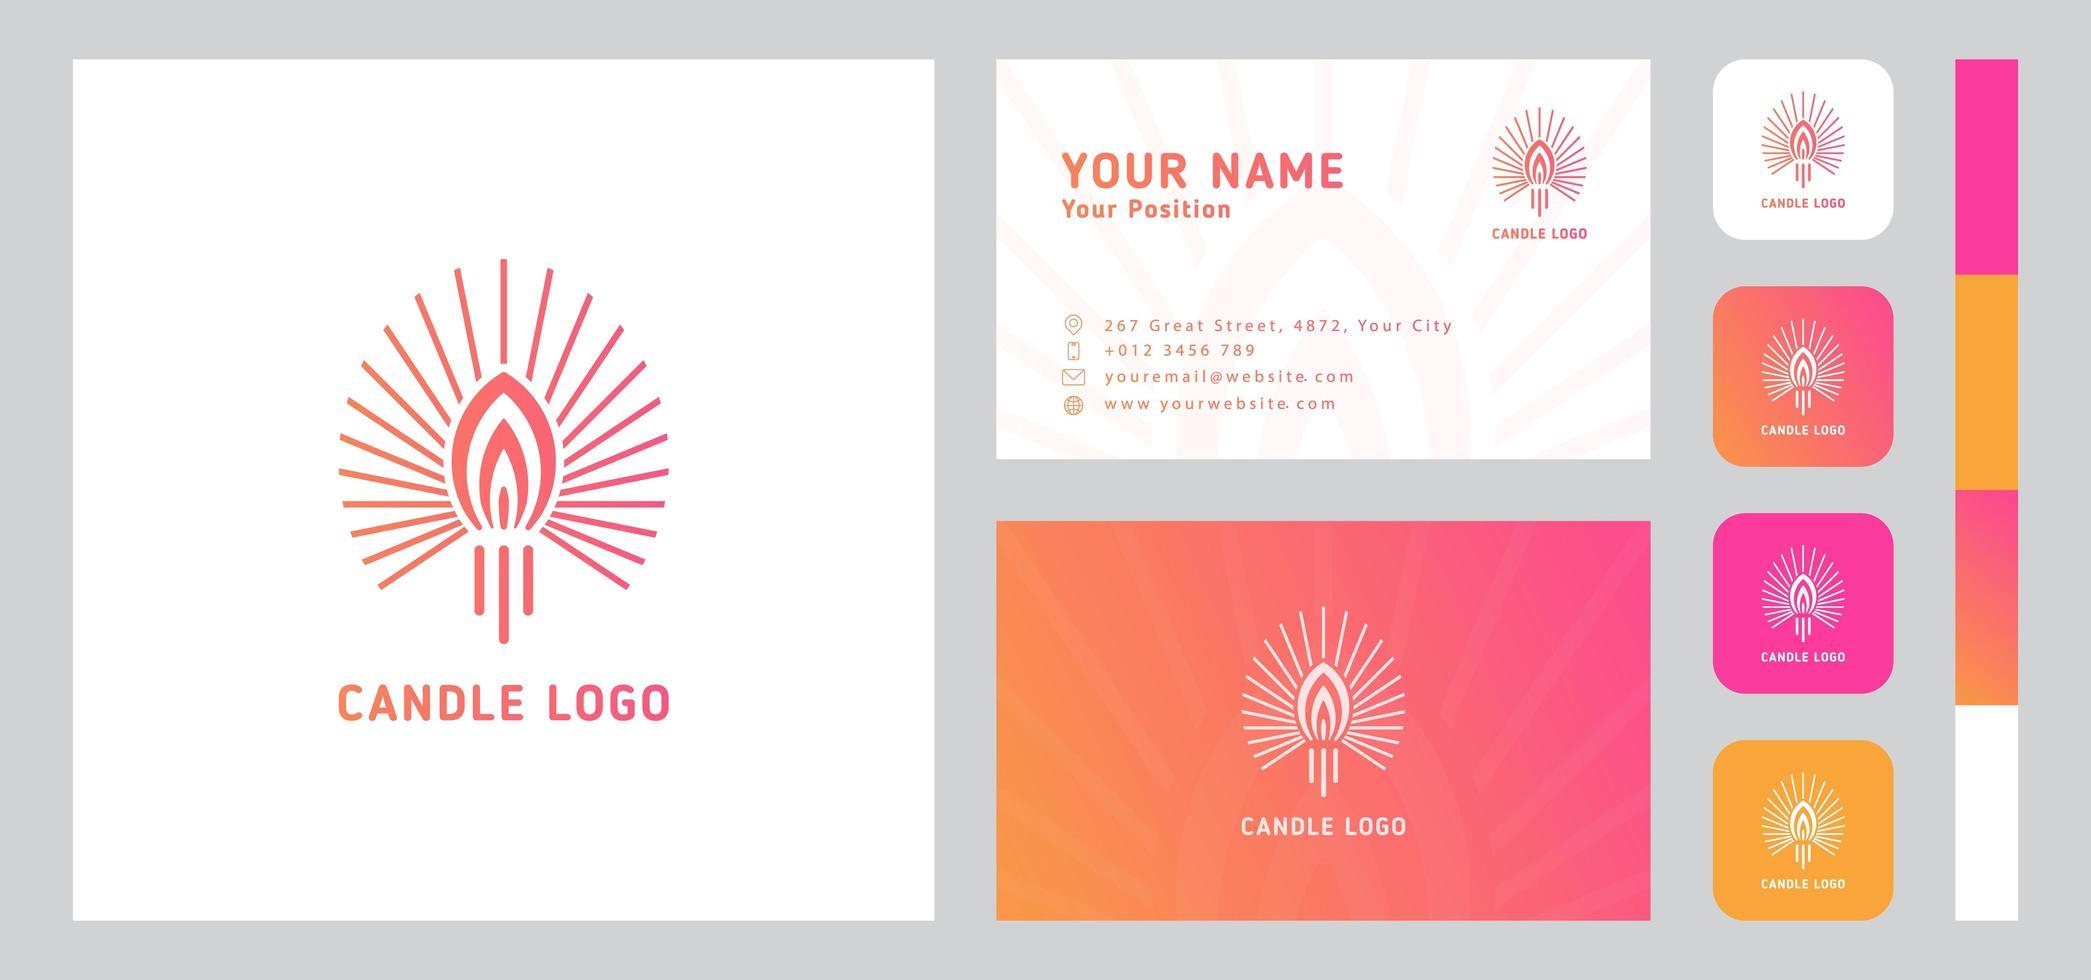 logotipo de vela con plantilla de tarjeta de visita vector